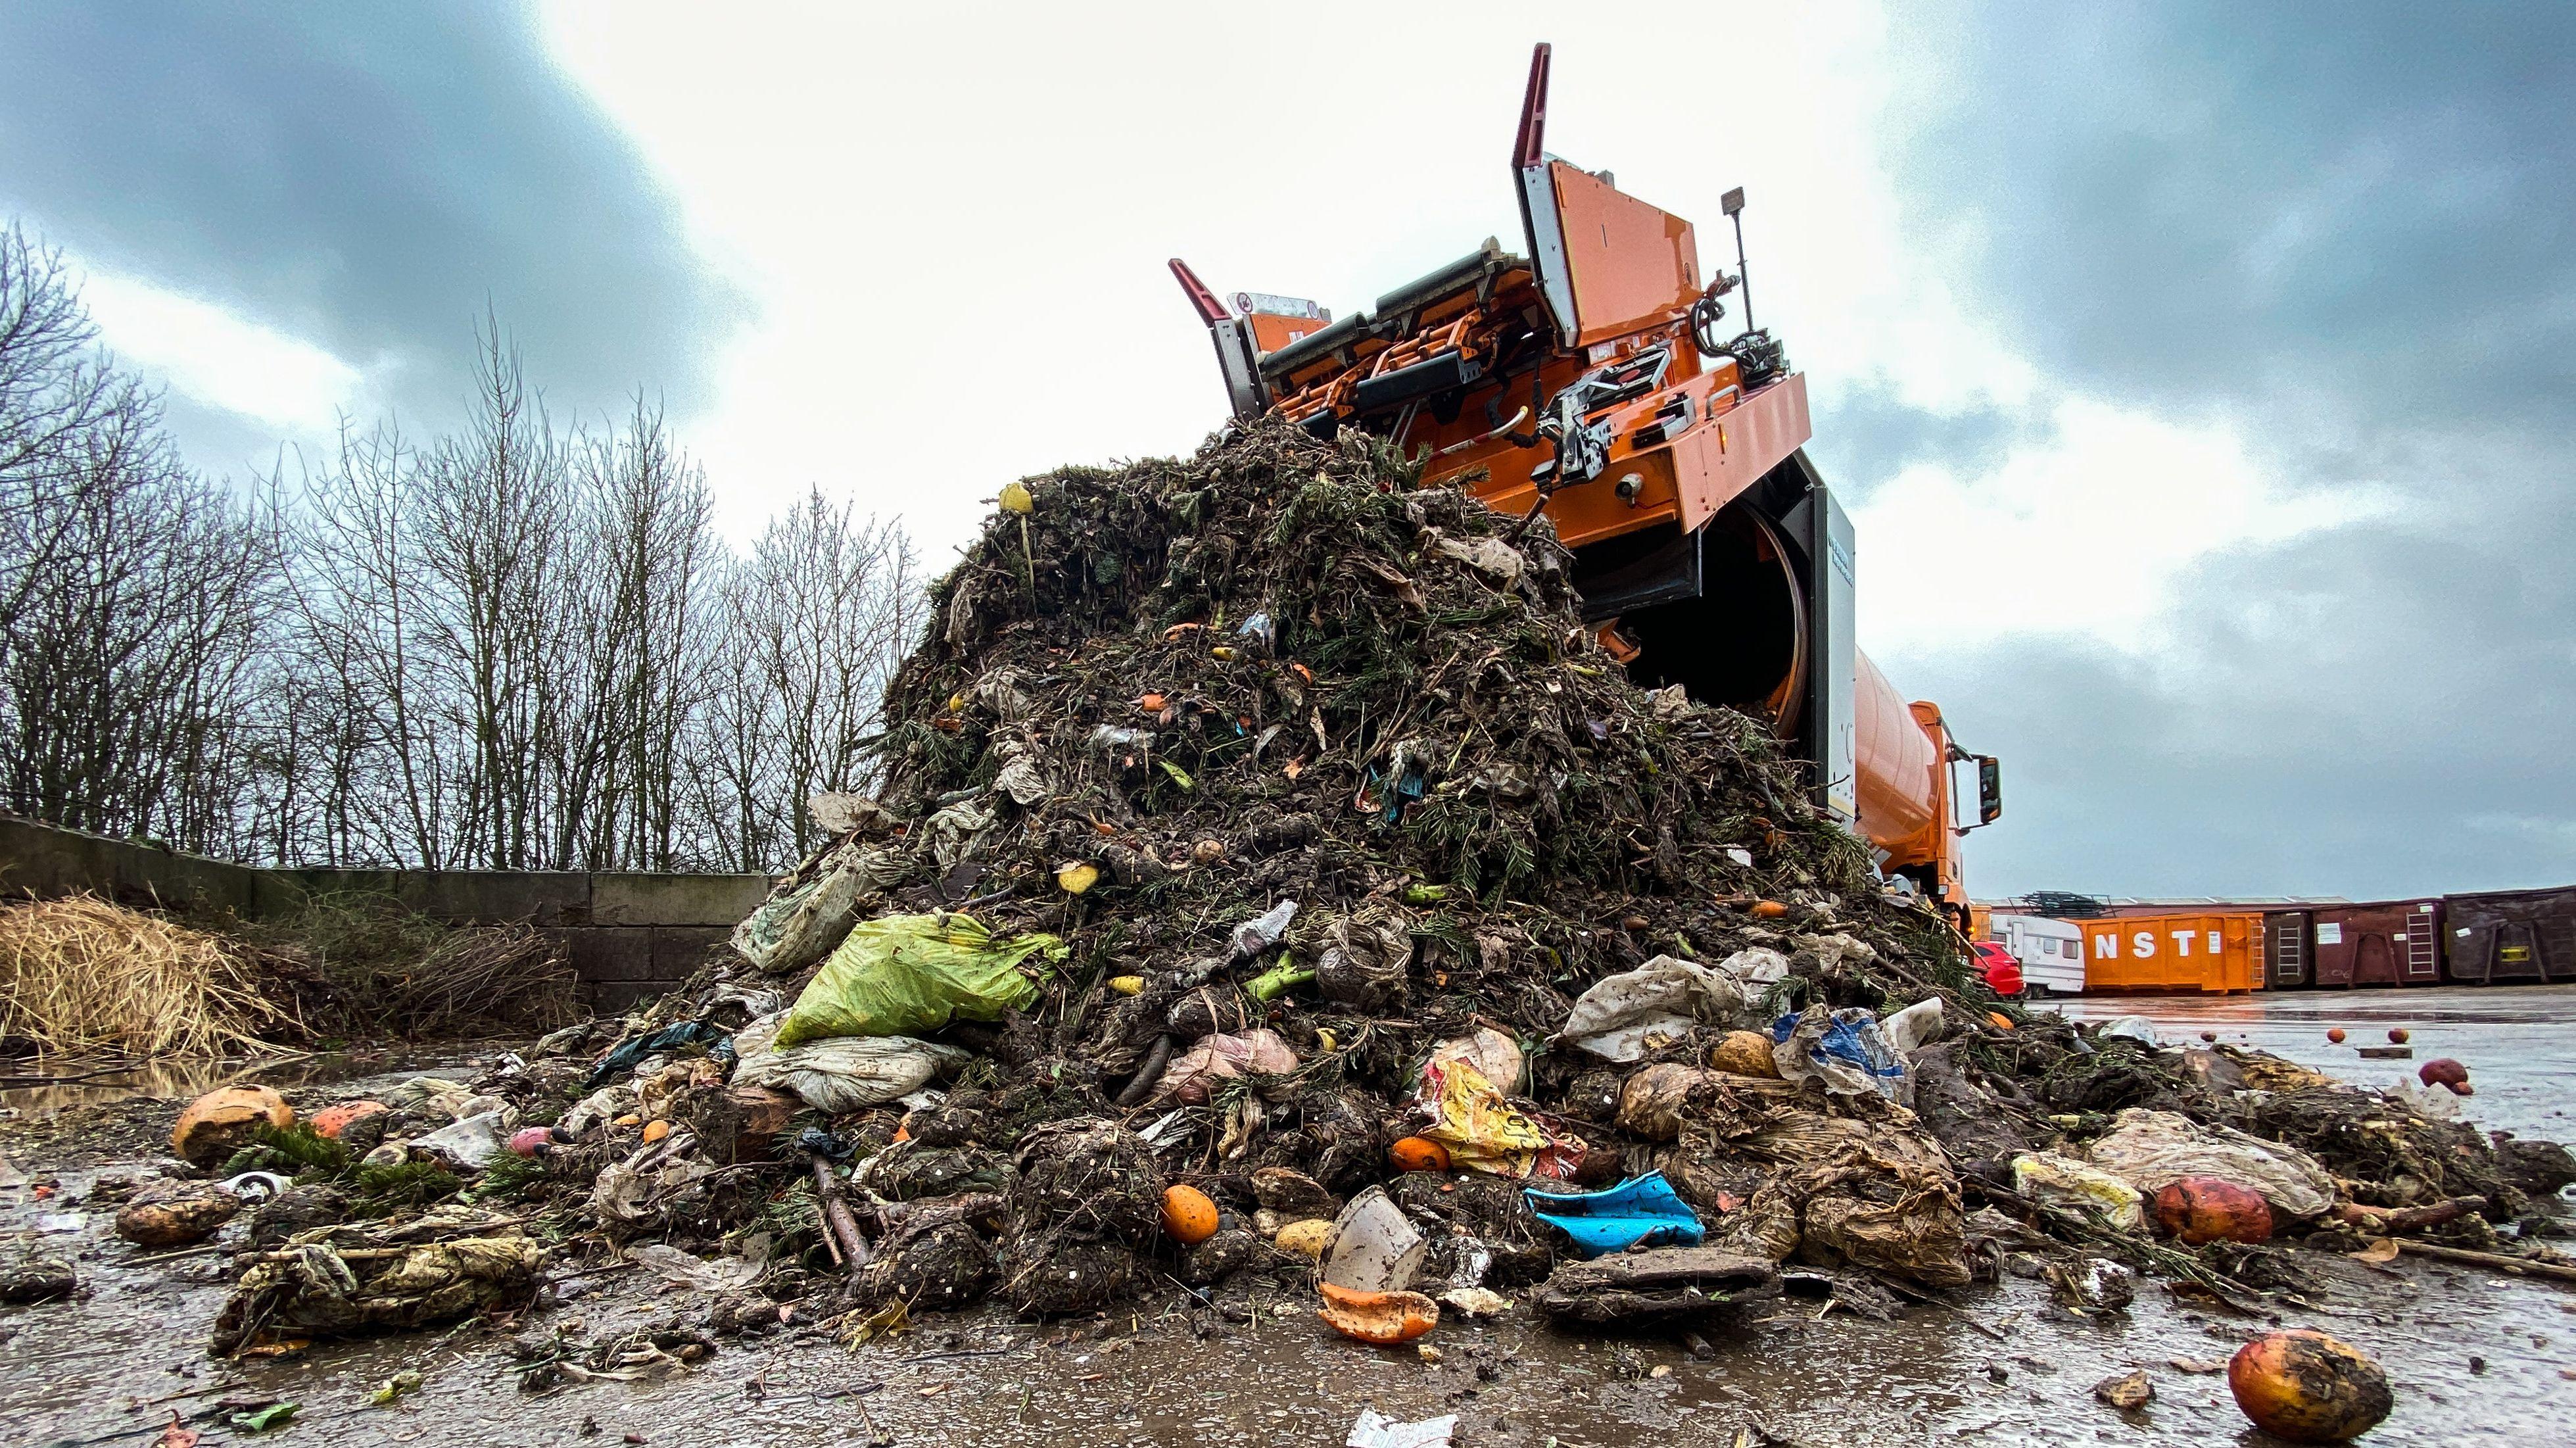 Mülllaster leert seine Bioabfall-Sammlung aus